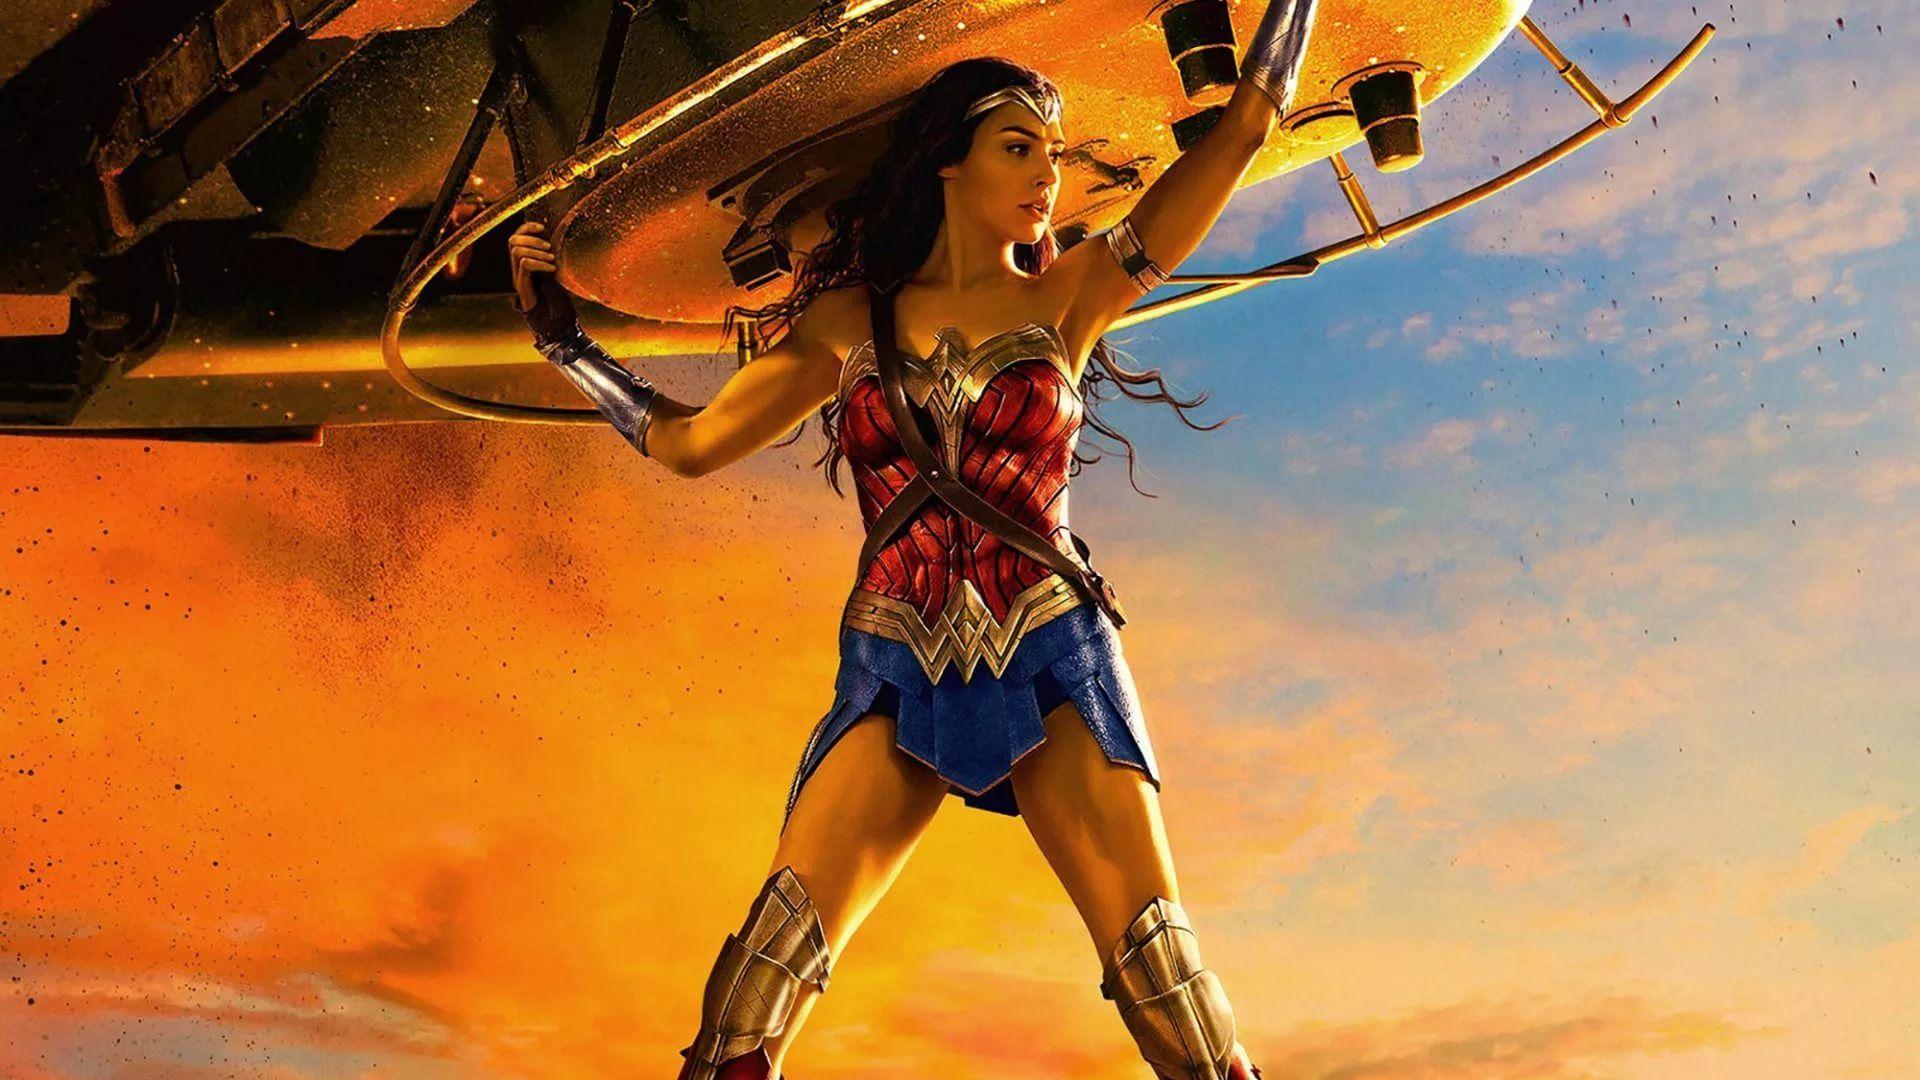 Wonder Woman Hot wallpaper